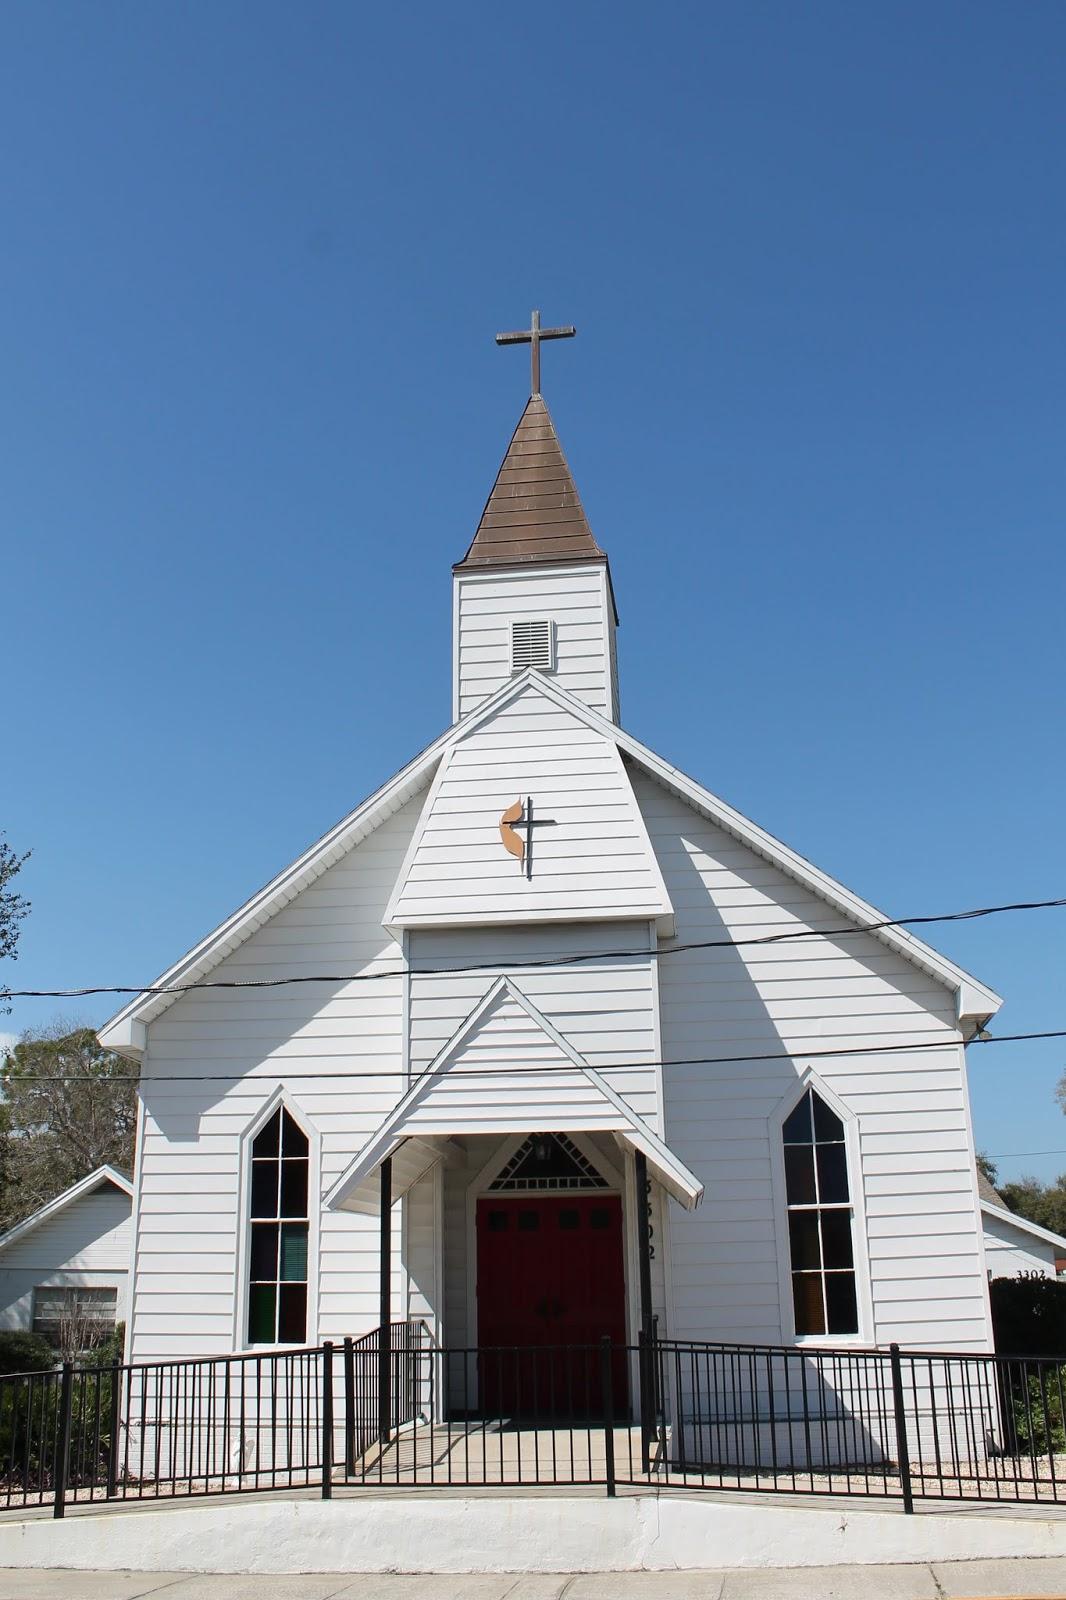 Iglesia en Mims